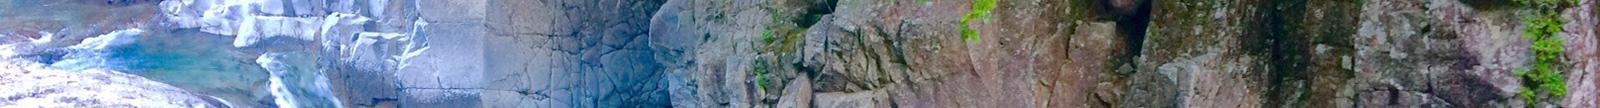 世界級リゾート、山の信州で紡ぐ夏の思い出